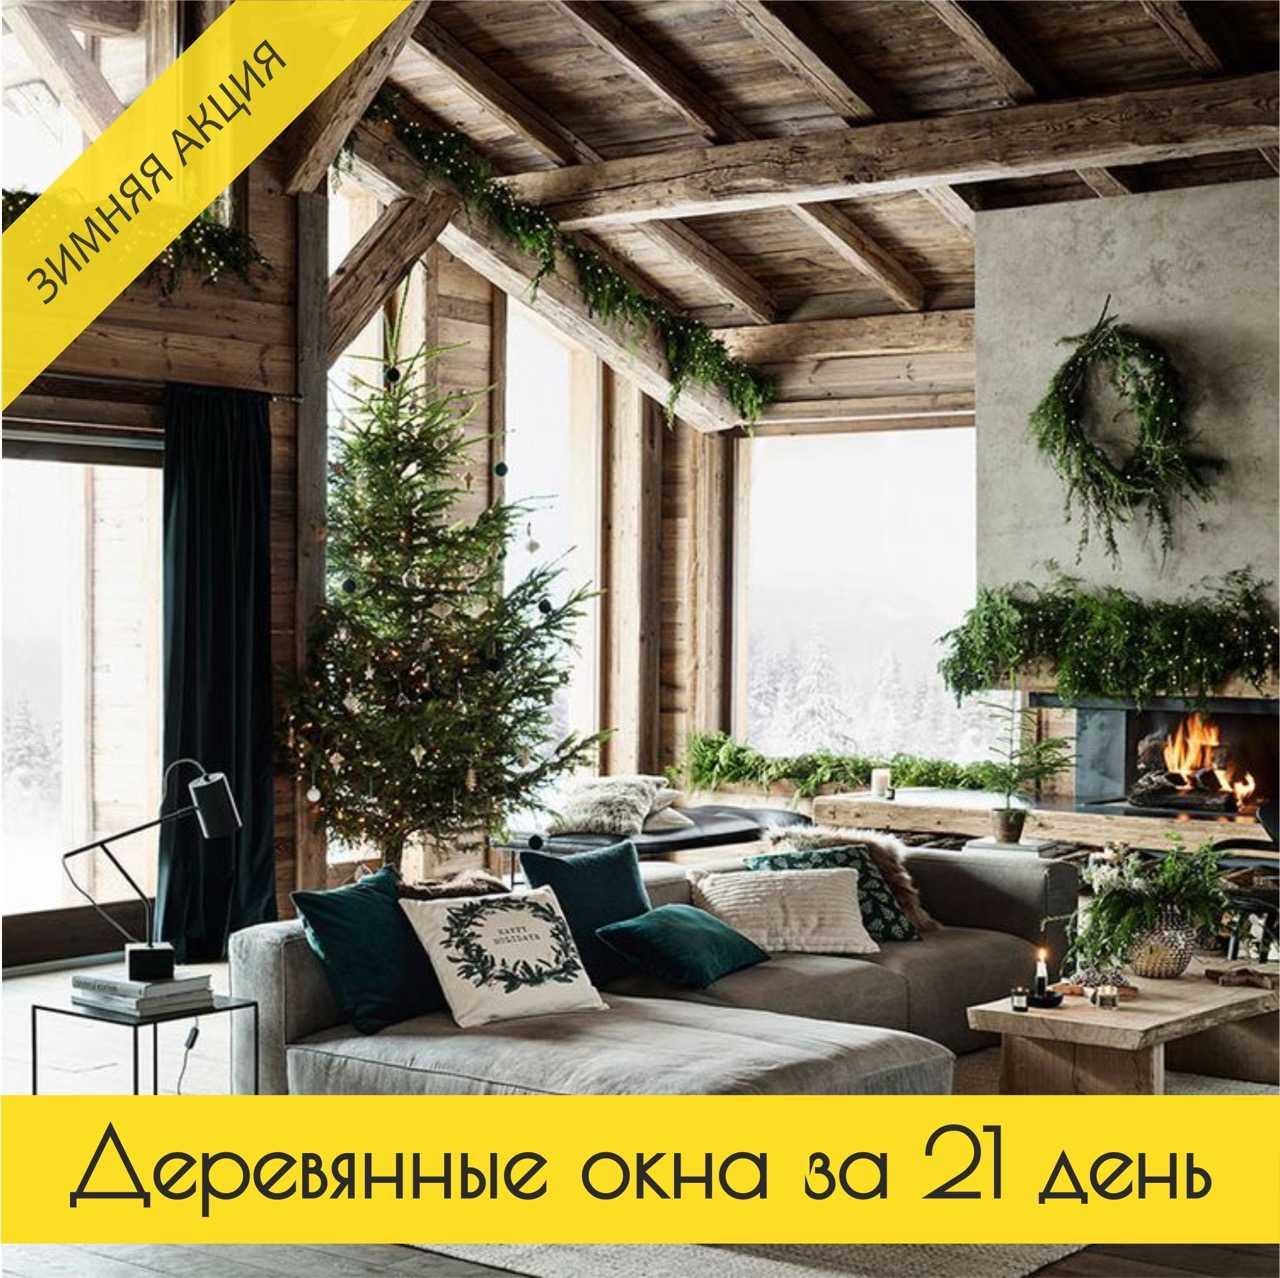 photo_2019-11-27 00.57.12